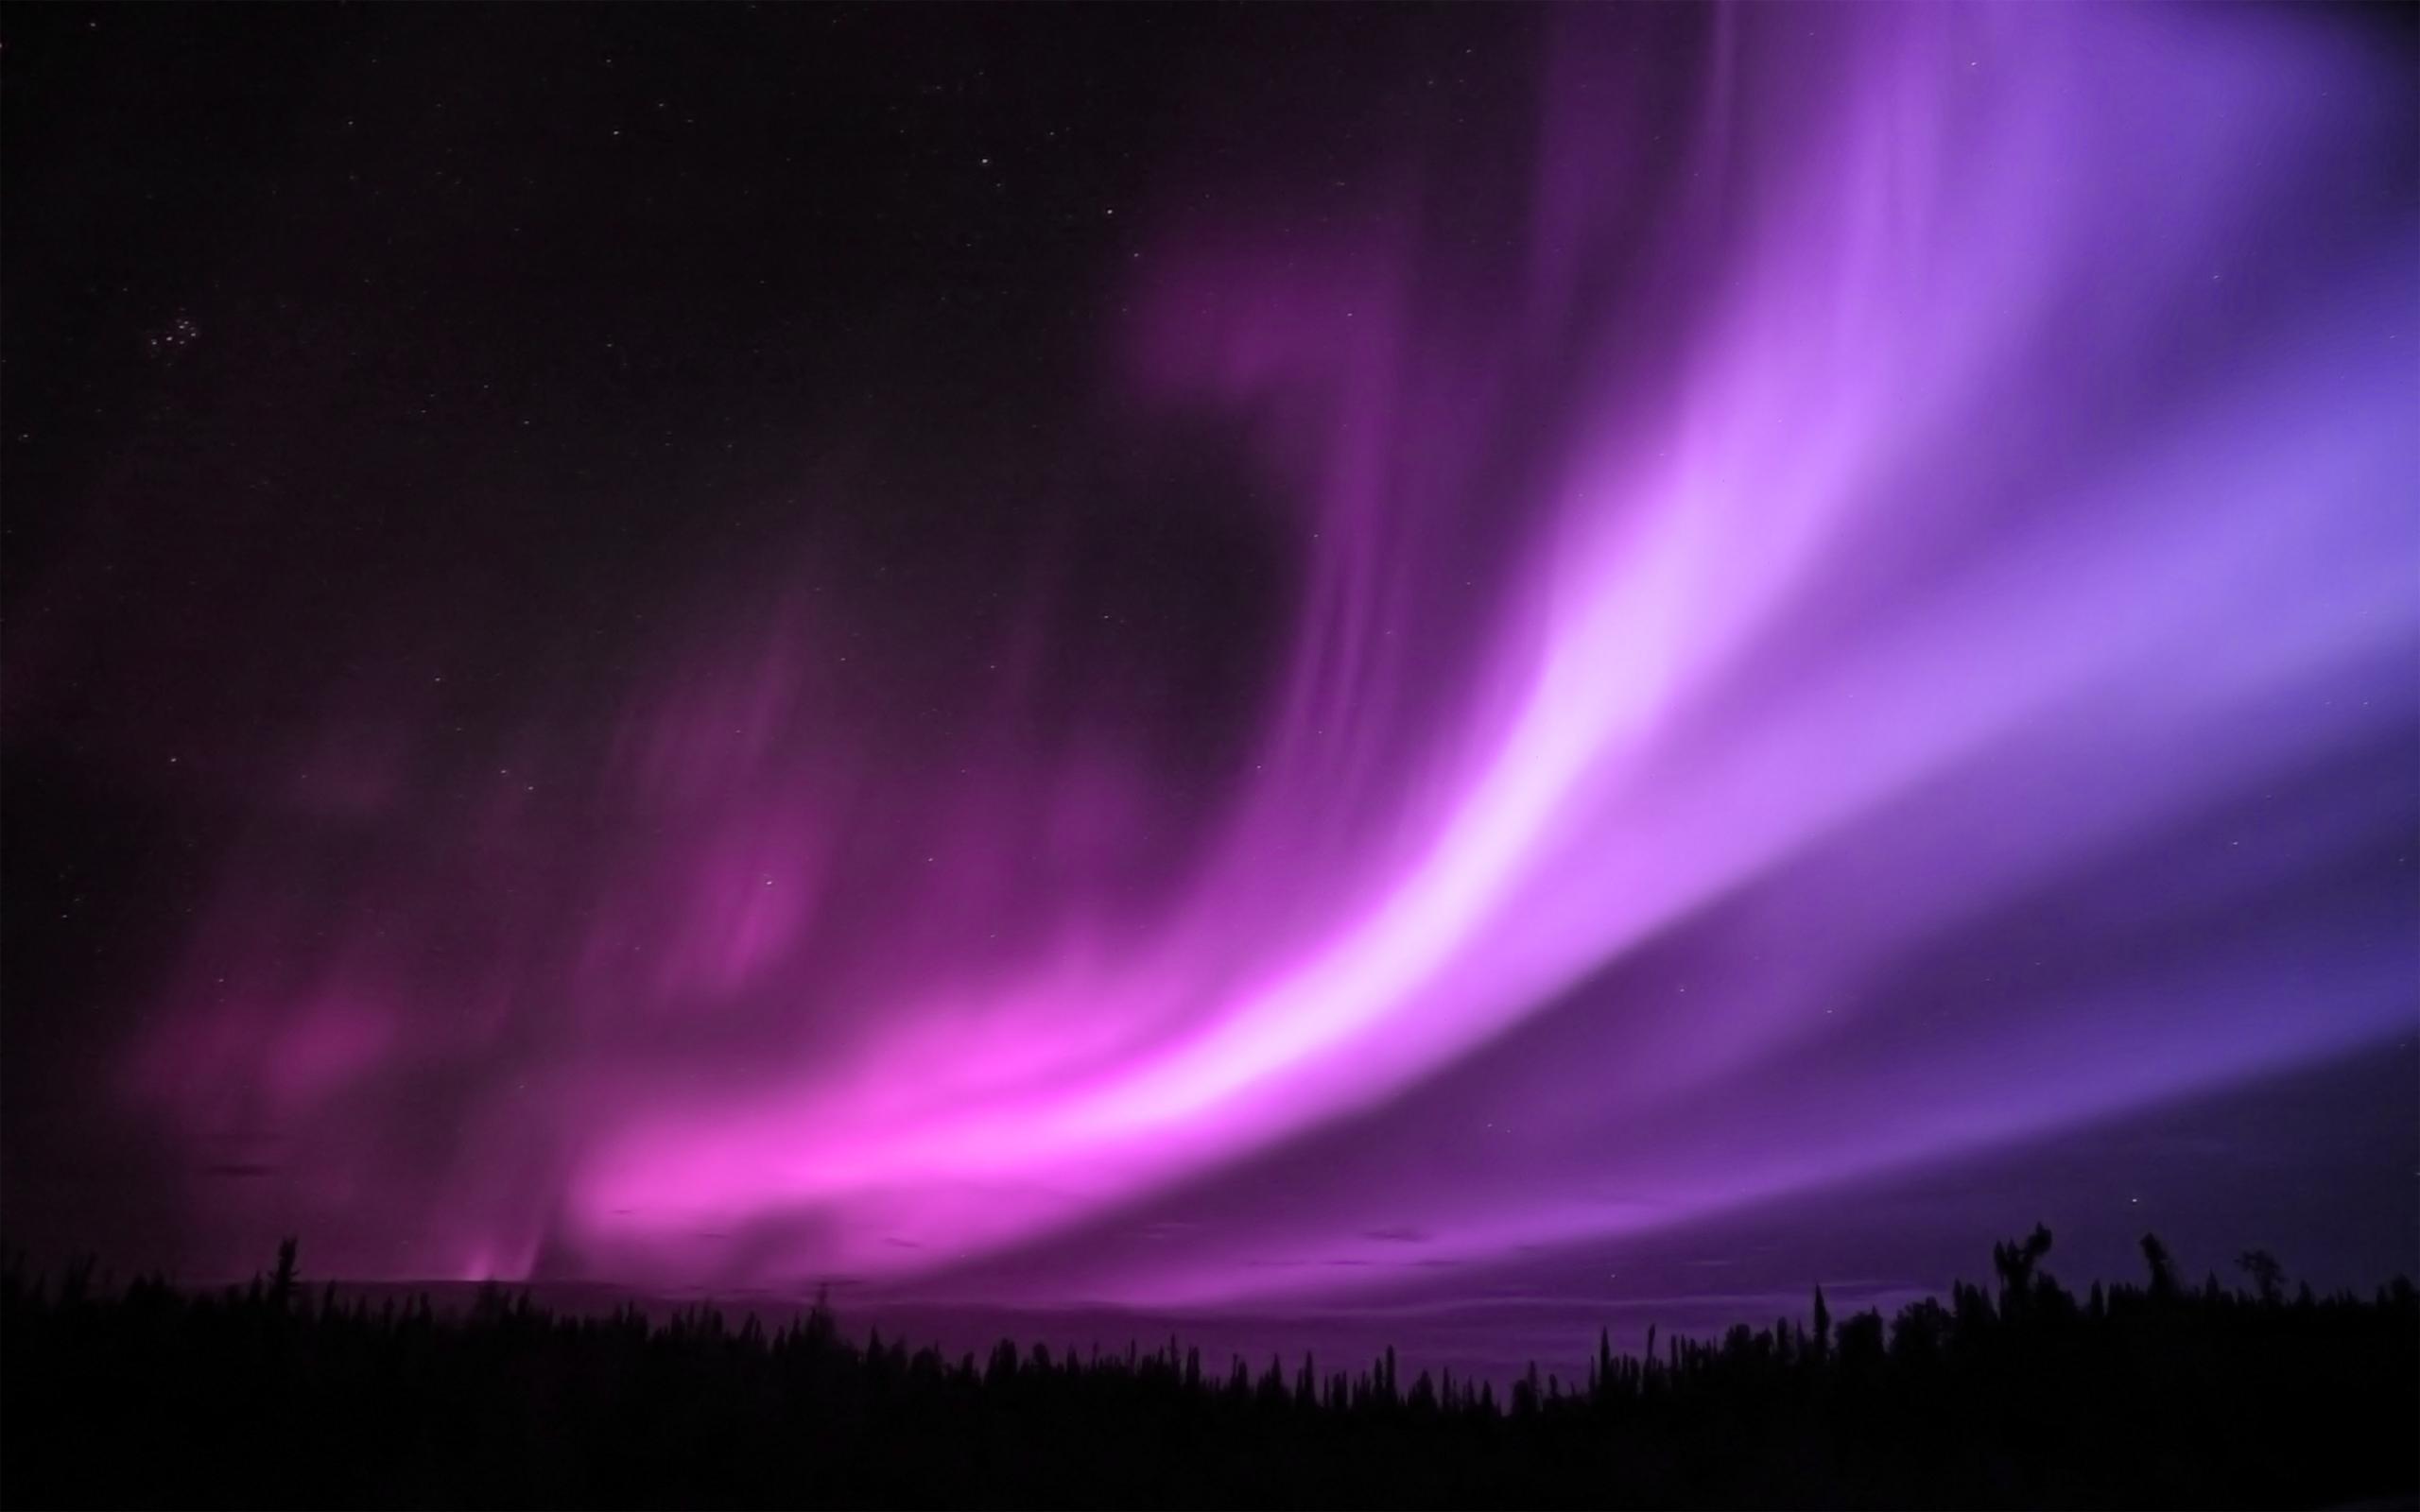 aurora wallpaper purple